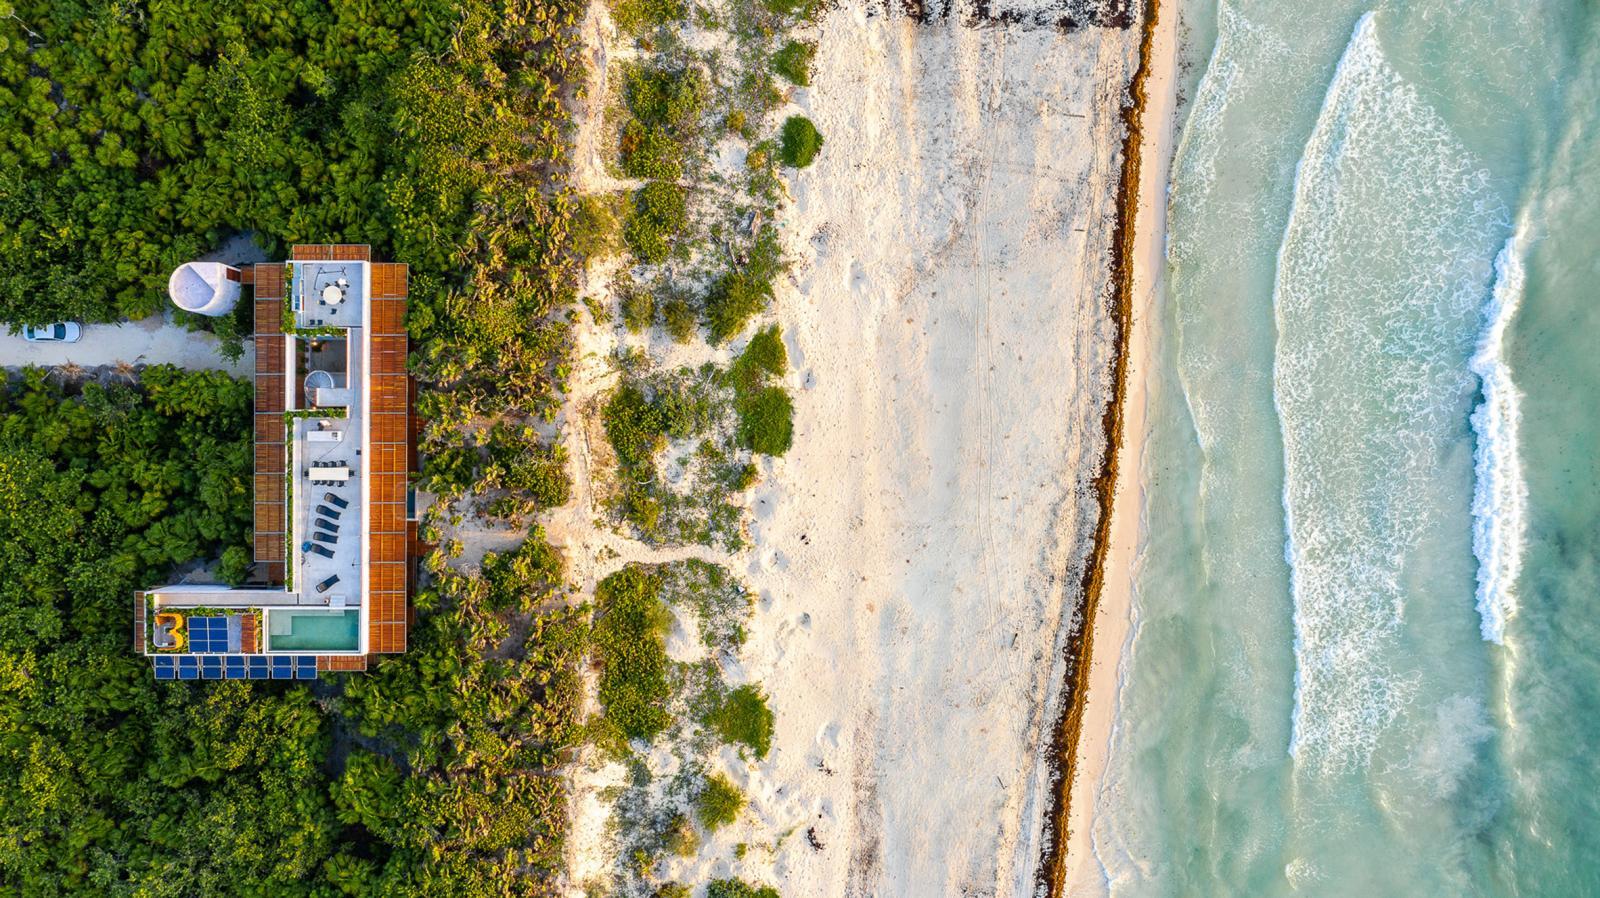 hình ảnh toàn cảnh ngôi nhà bê tông 2 tầng ở Mexico nhìn từ trên cao, xung quanh là rừng cây xanh tốt